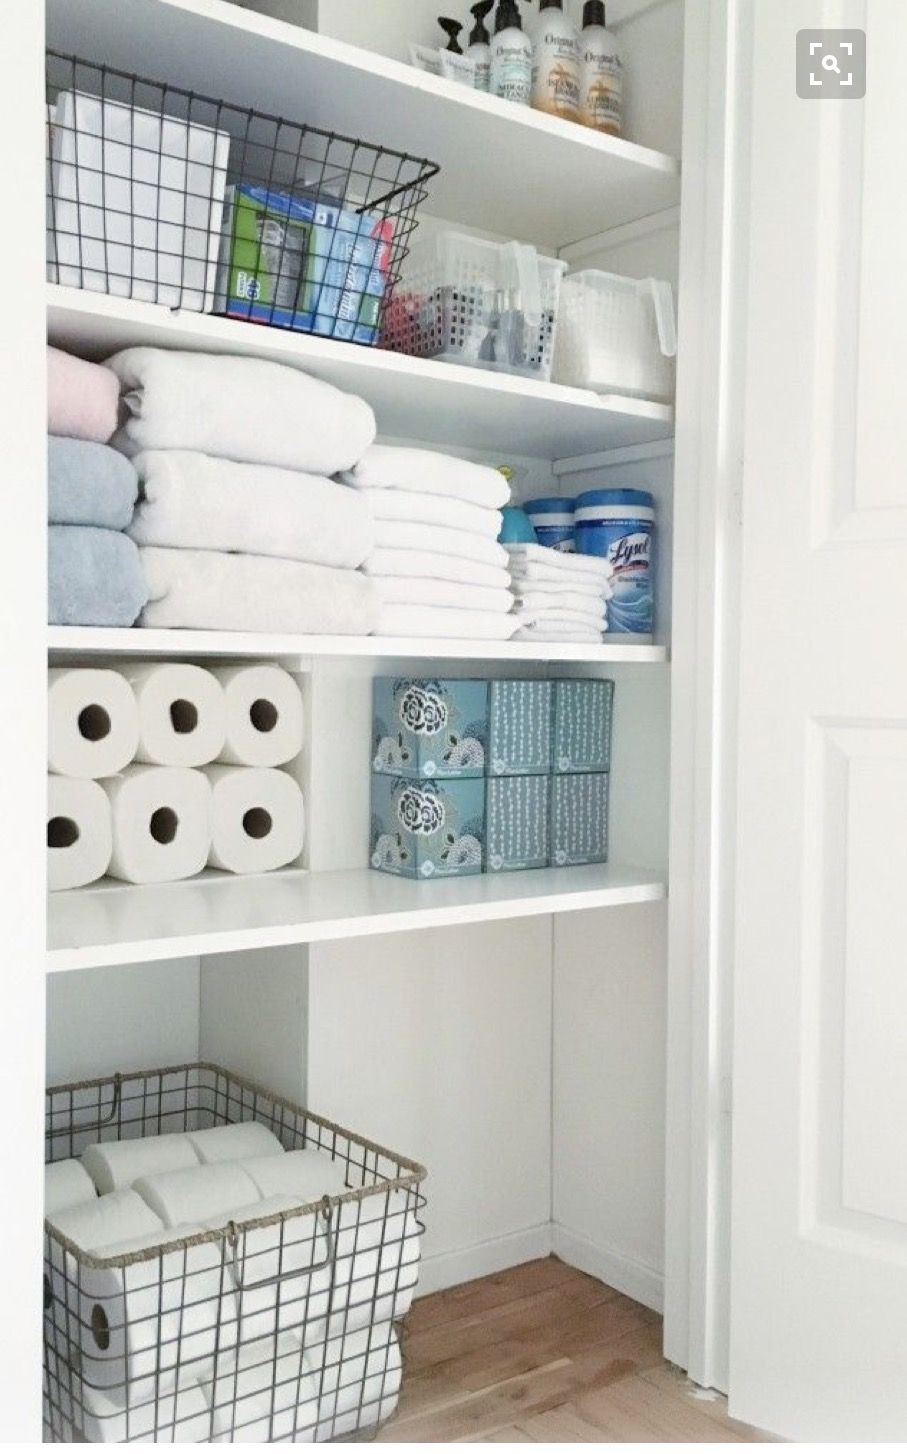 Pin von Sara Duc auf Laundry room | Pinterest | Badezimmer ...